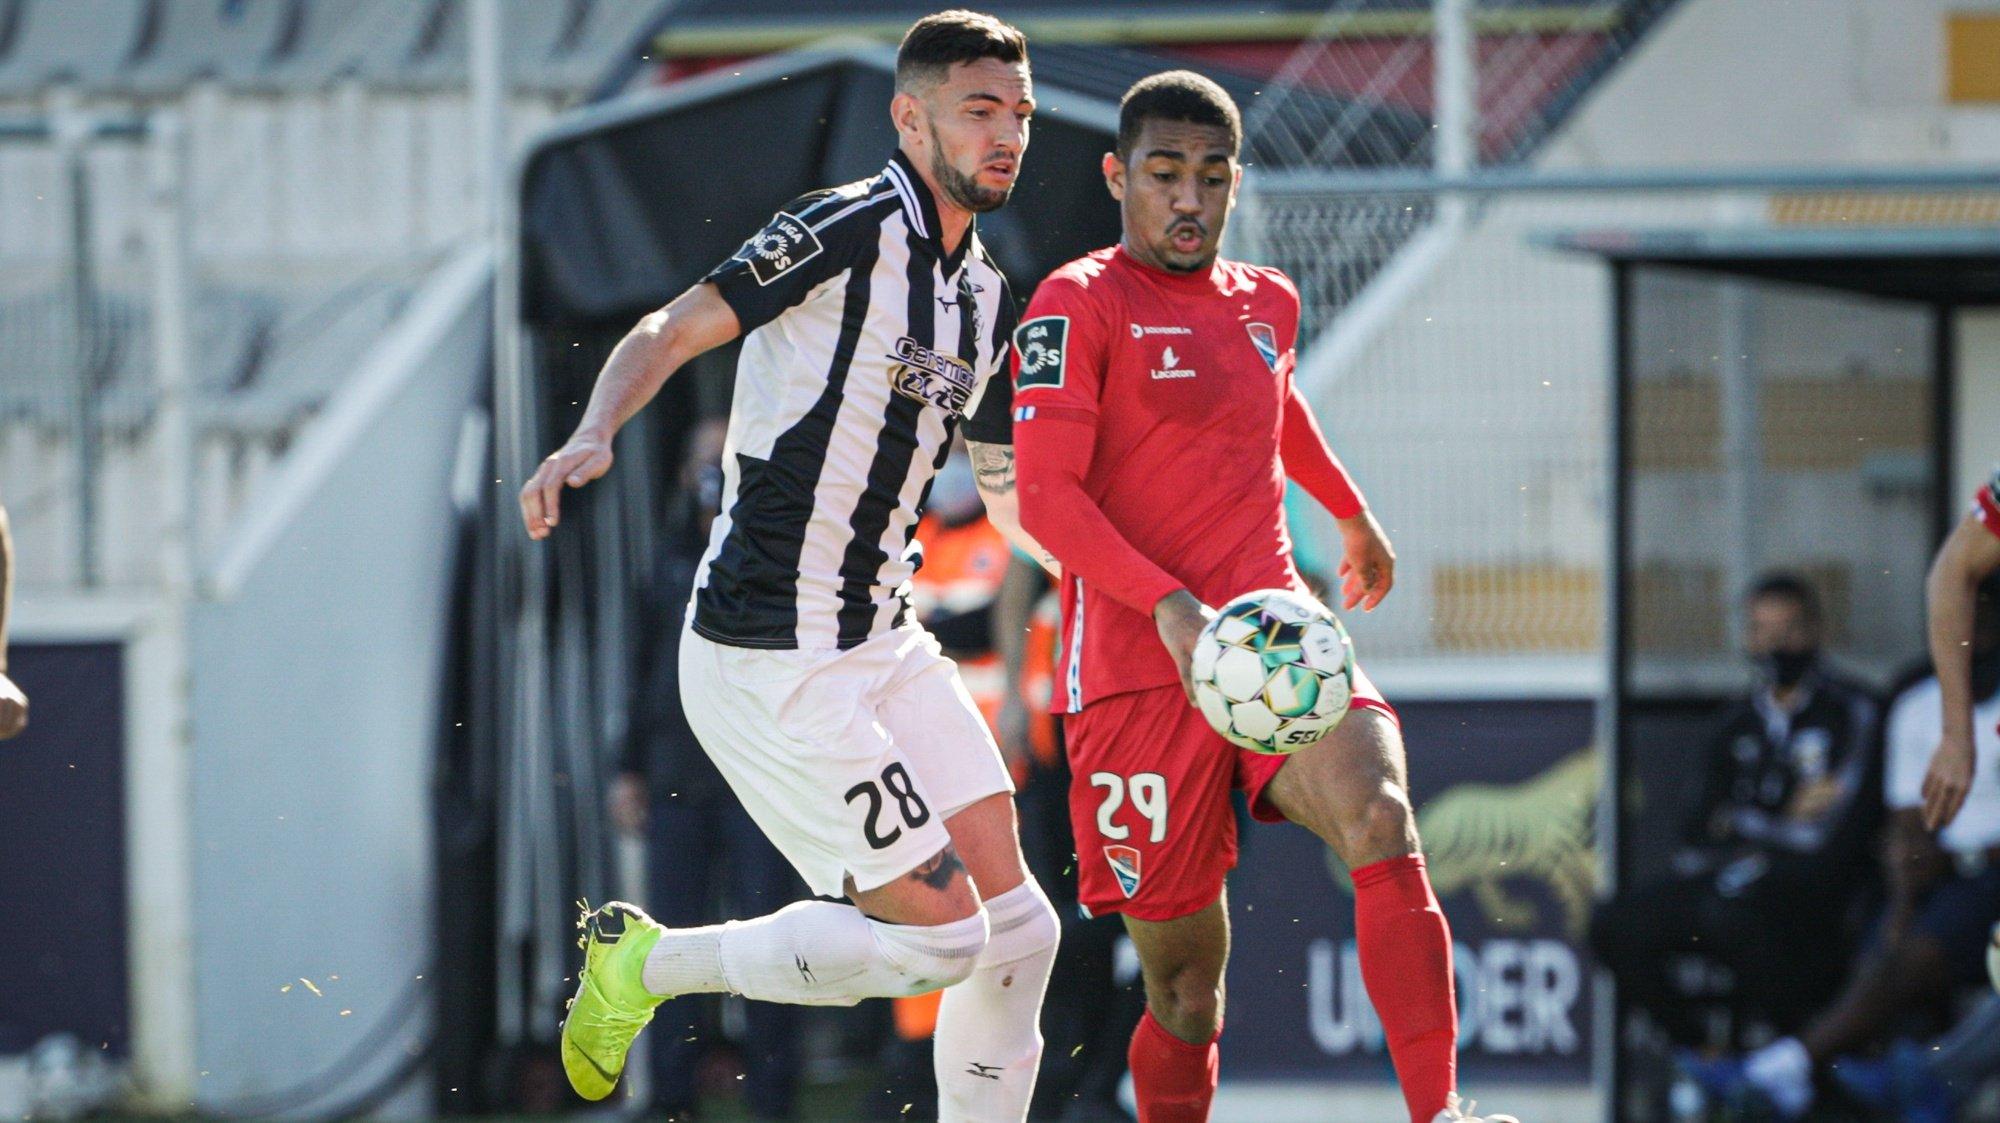 O jogador do Portimonense Wilyan (E) disputa a bola com o jogador do Gil Vicente, Samuel Lino, durante o jogo a contar para a Primeira Liga de Futebol realizado no estádio do Portimonense, Portimão, 14 de  fevereiro de 2021 . LUÍS FORRA/LUSA